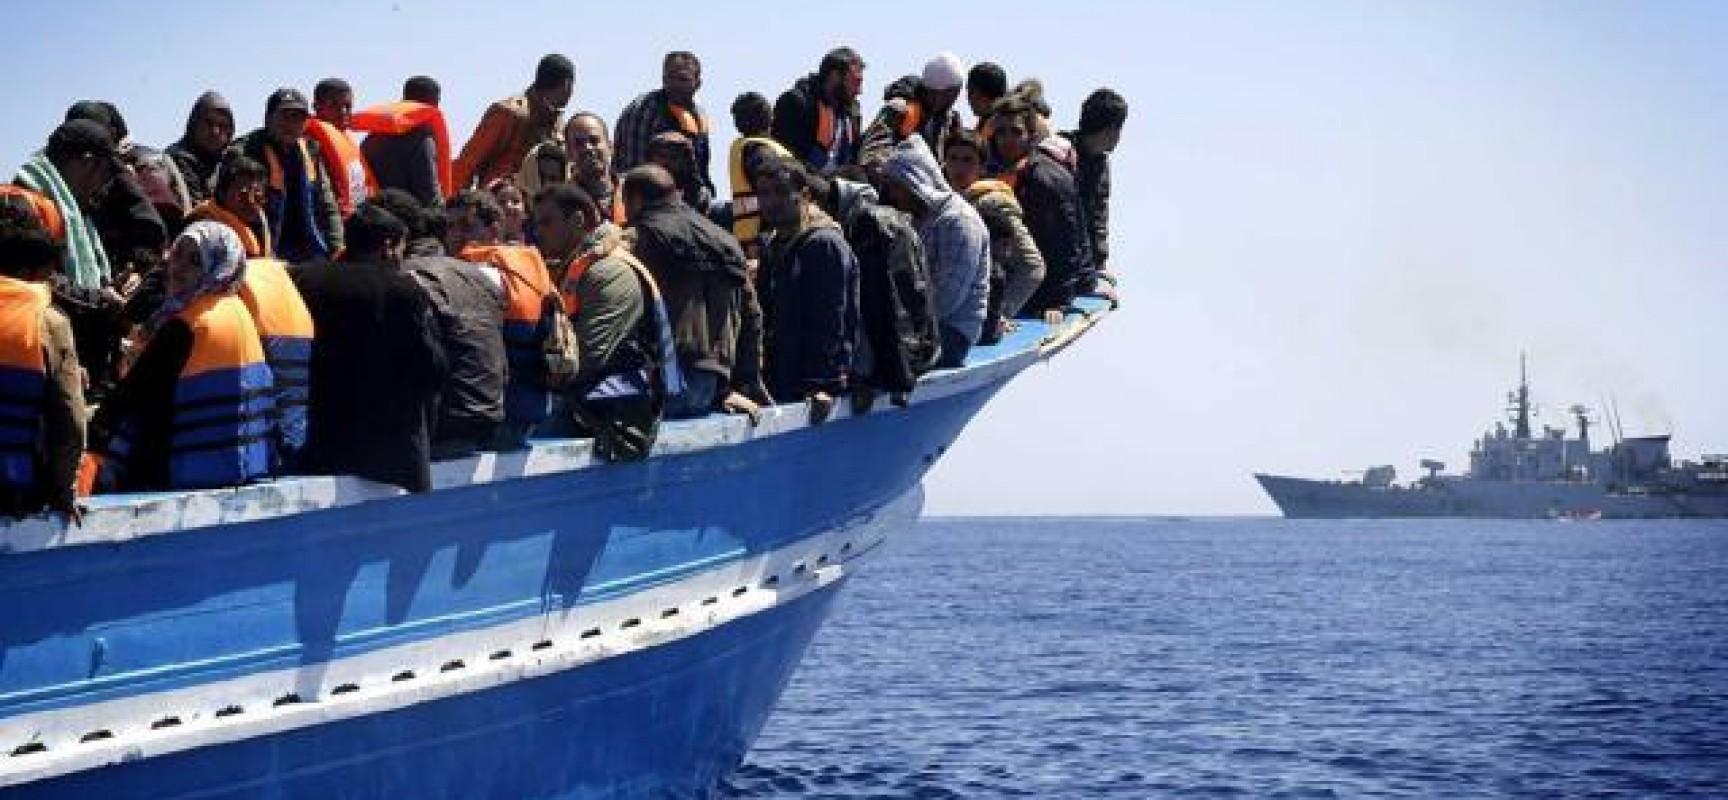 Perchè i Migranti non vanno nei ricchi paesi arabi?